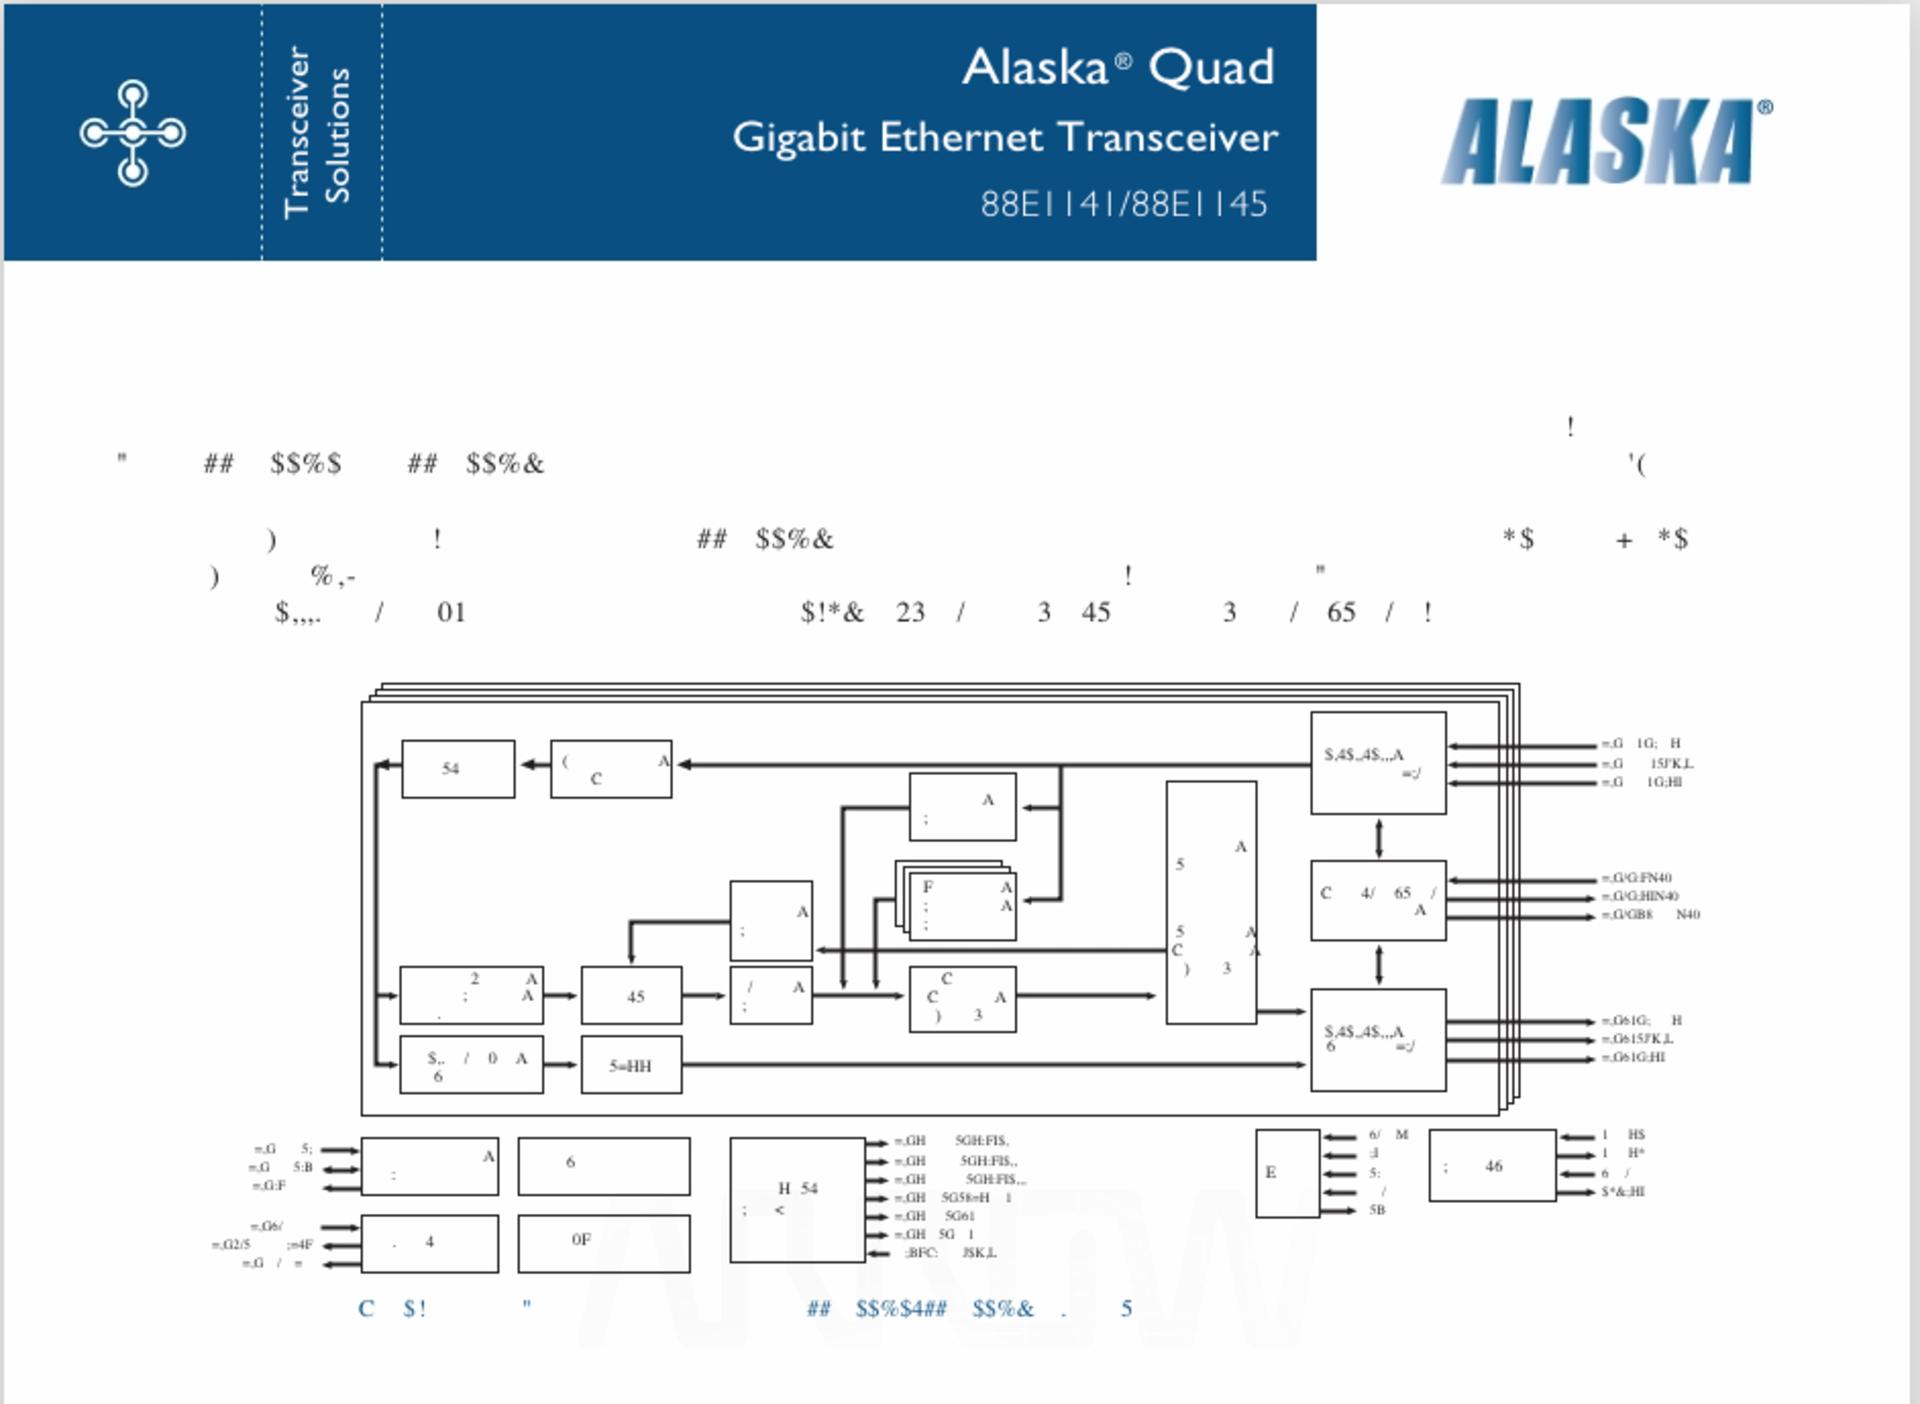 Alaska Quad Gigabit Ethernet Transceiver 88E1145 ,IC, 4-port Gigabit, 2.5V SSTL_2 (LF), QTY 1 - Image 5 of 6